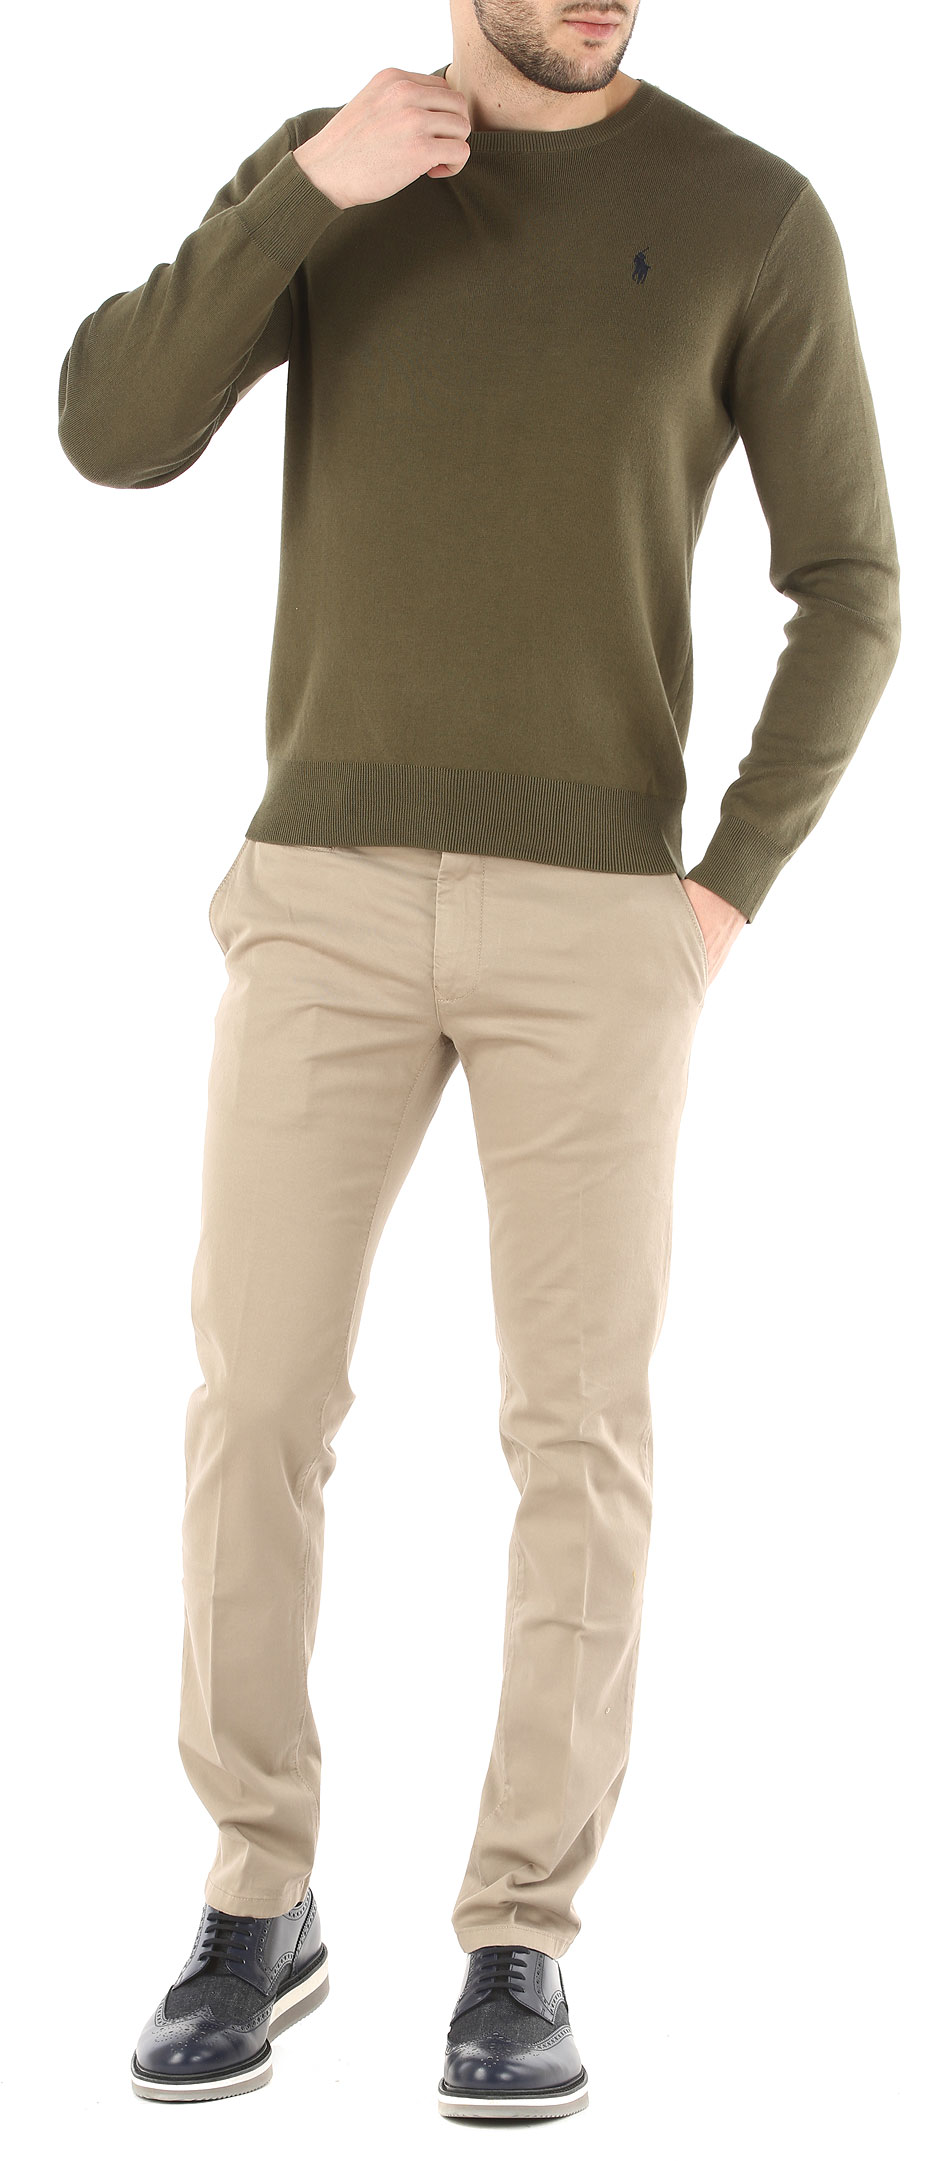 Abbigliamento Uomo Siviglia, Codice Articolo: b1g2-s001-1236